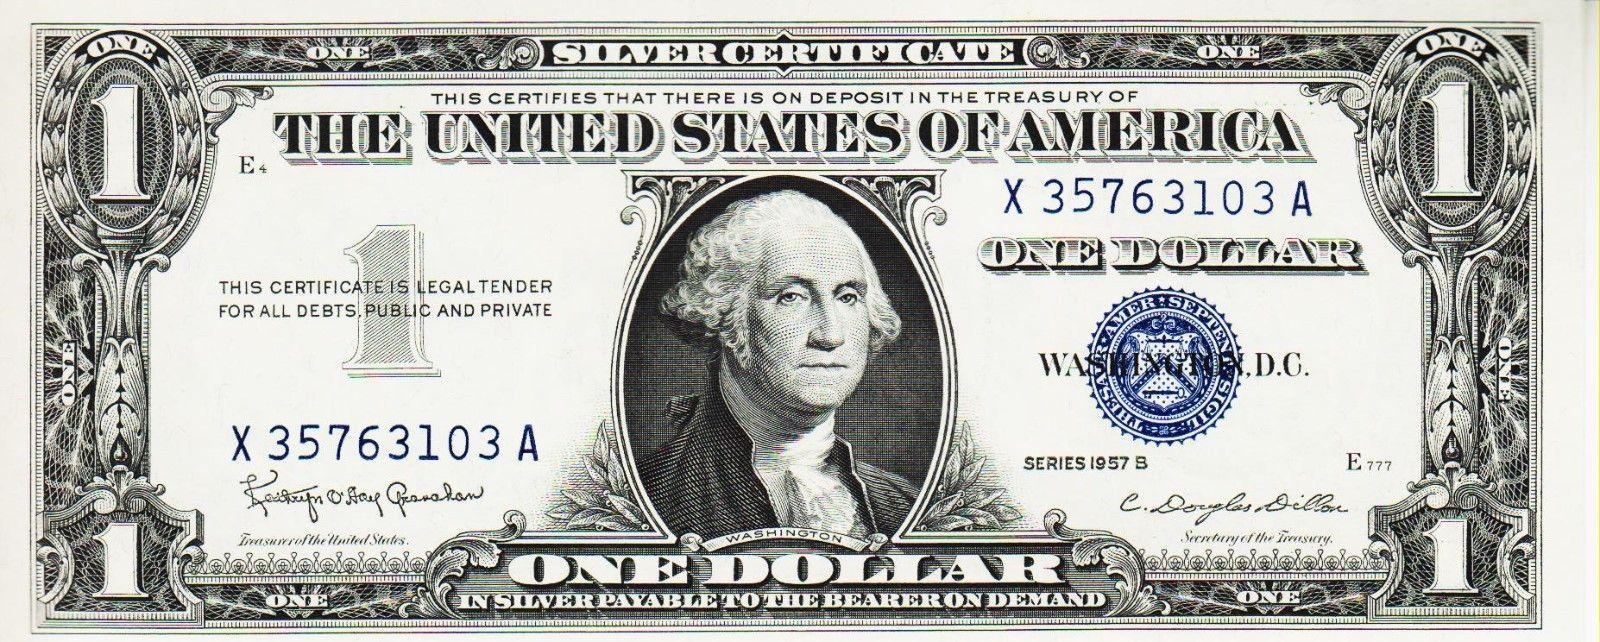 Hossracer Dollar Bill 1950s 33 Listings